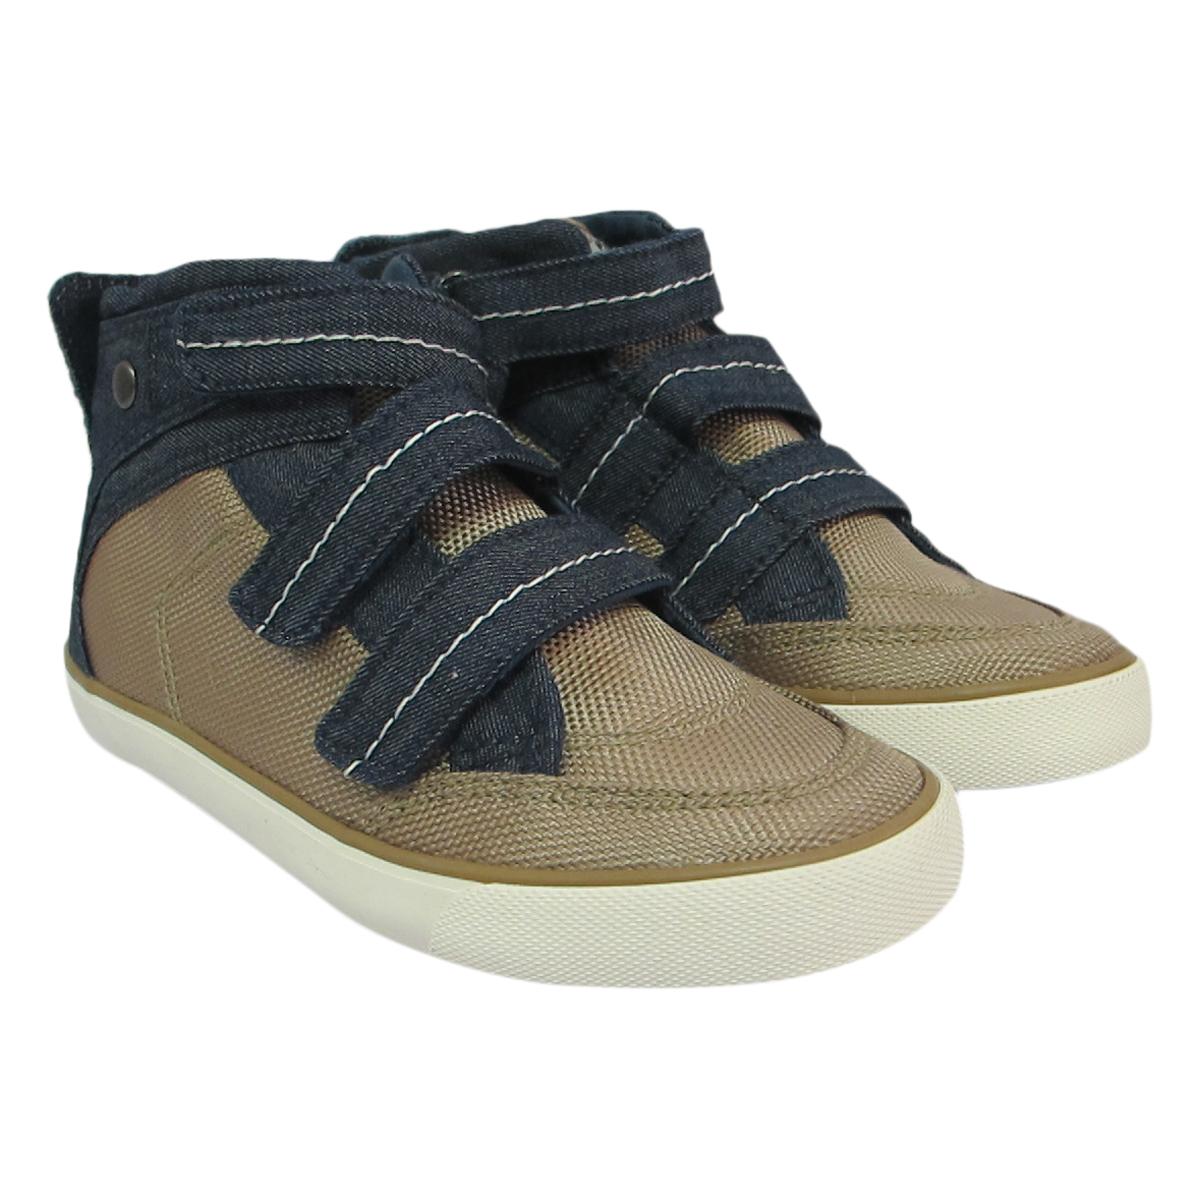 Giày Sneaker Cổ Cao Bé Trai D&A B1505 - Vàng Phối Xanh - 38